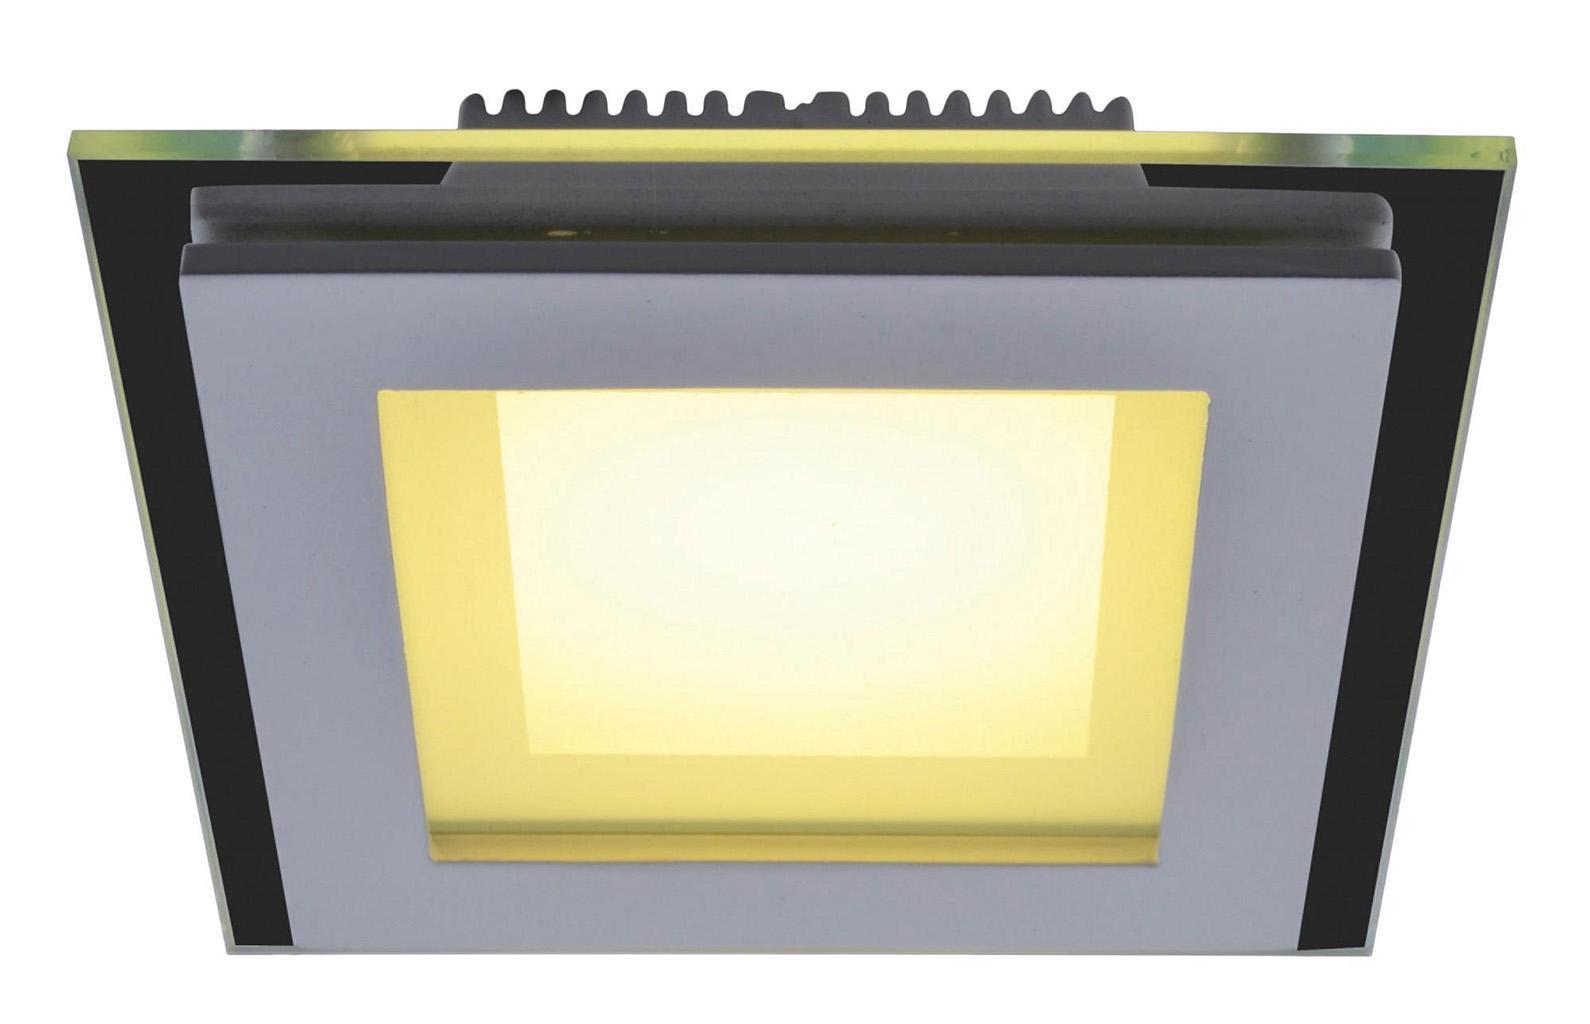 Светильник встраиваемый Arte lamp A4006pl-1wh arte lamp встраиваемый светодиодный светильник arte lamp cardani a1212pl 1wh